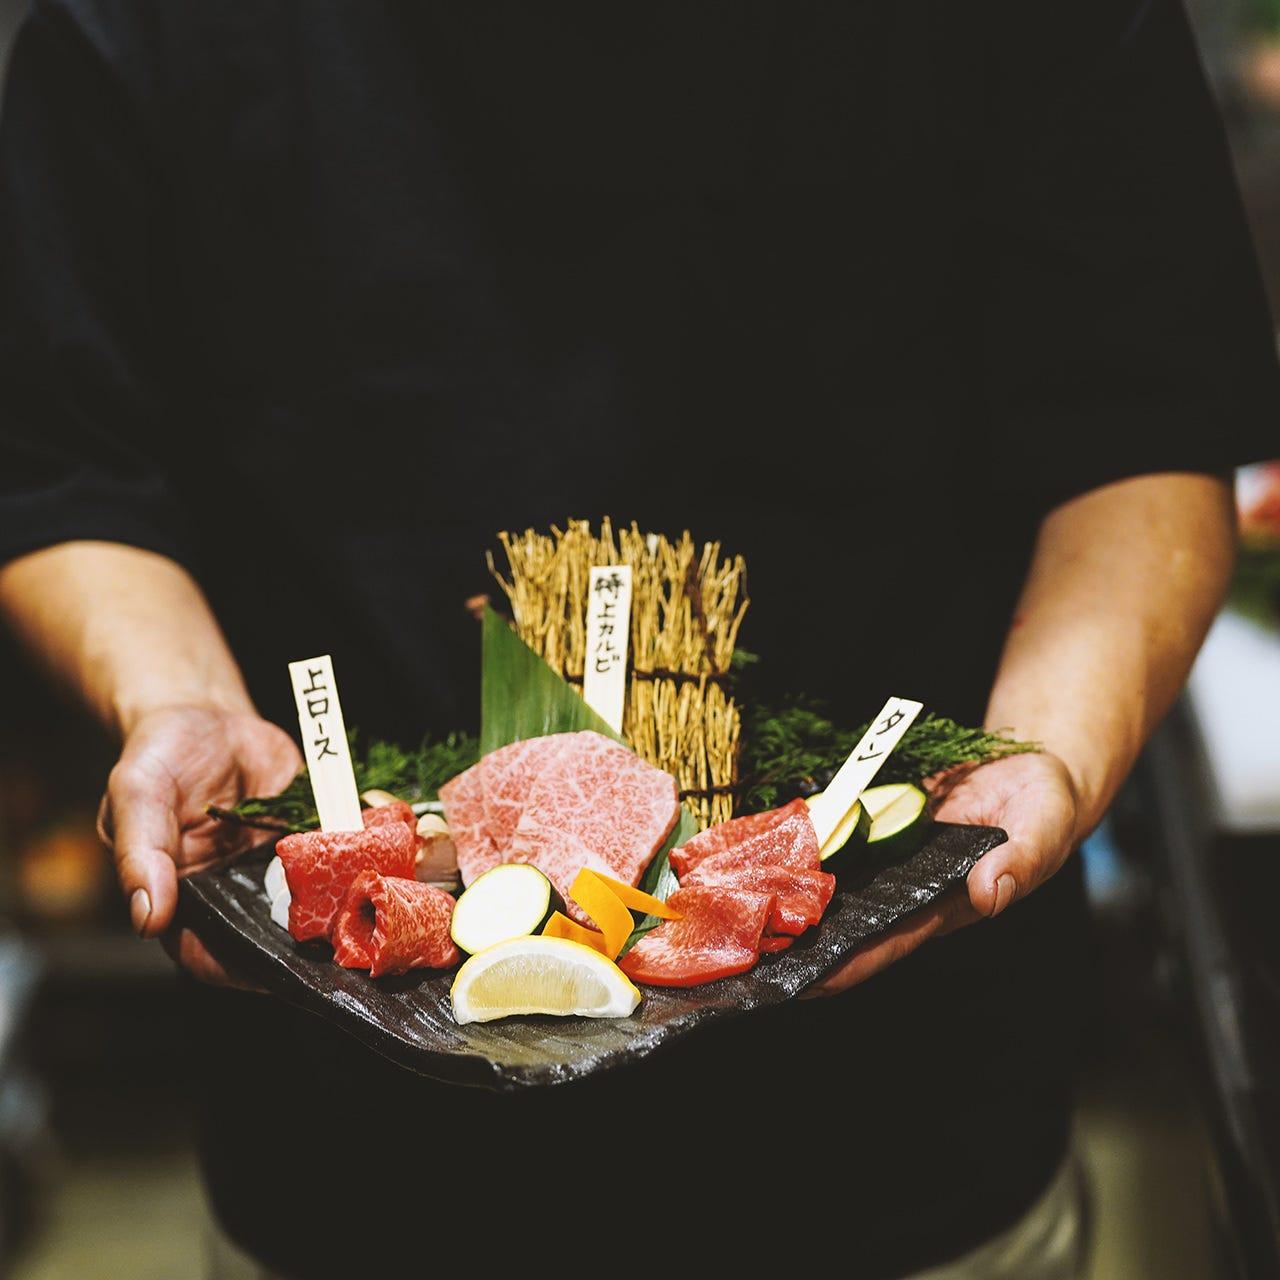 焼肉店での豊富な経験を持つ料理長と専門業者が厳選した極上肉